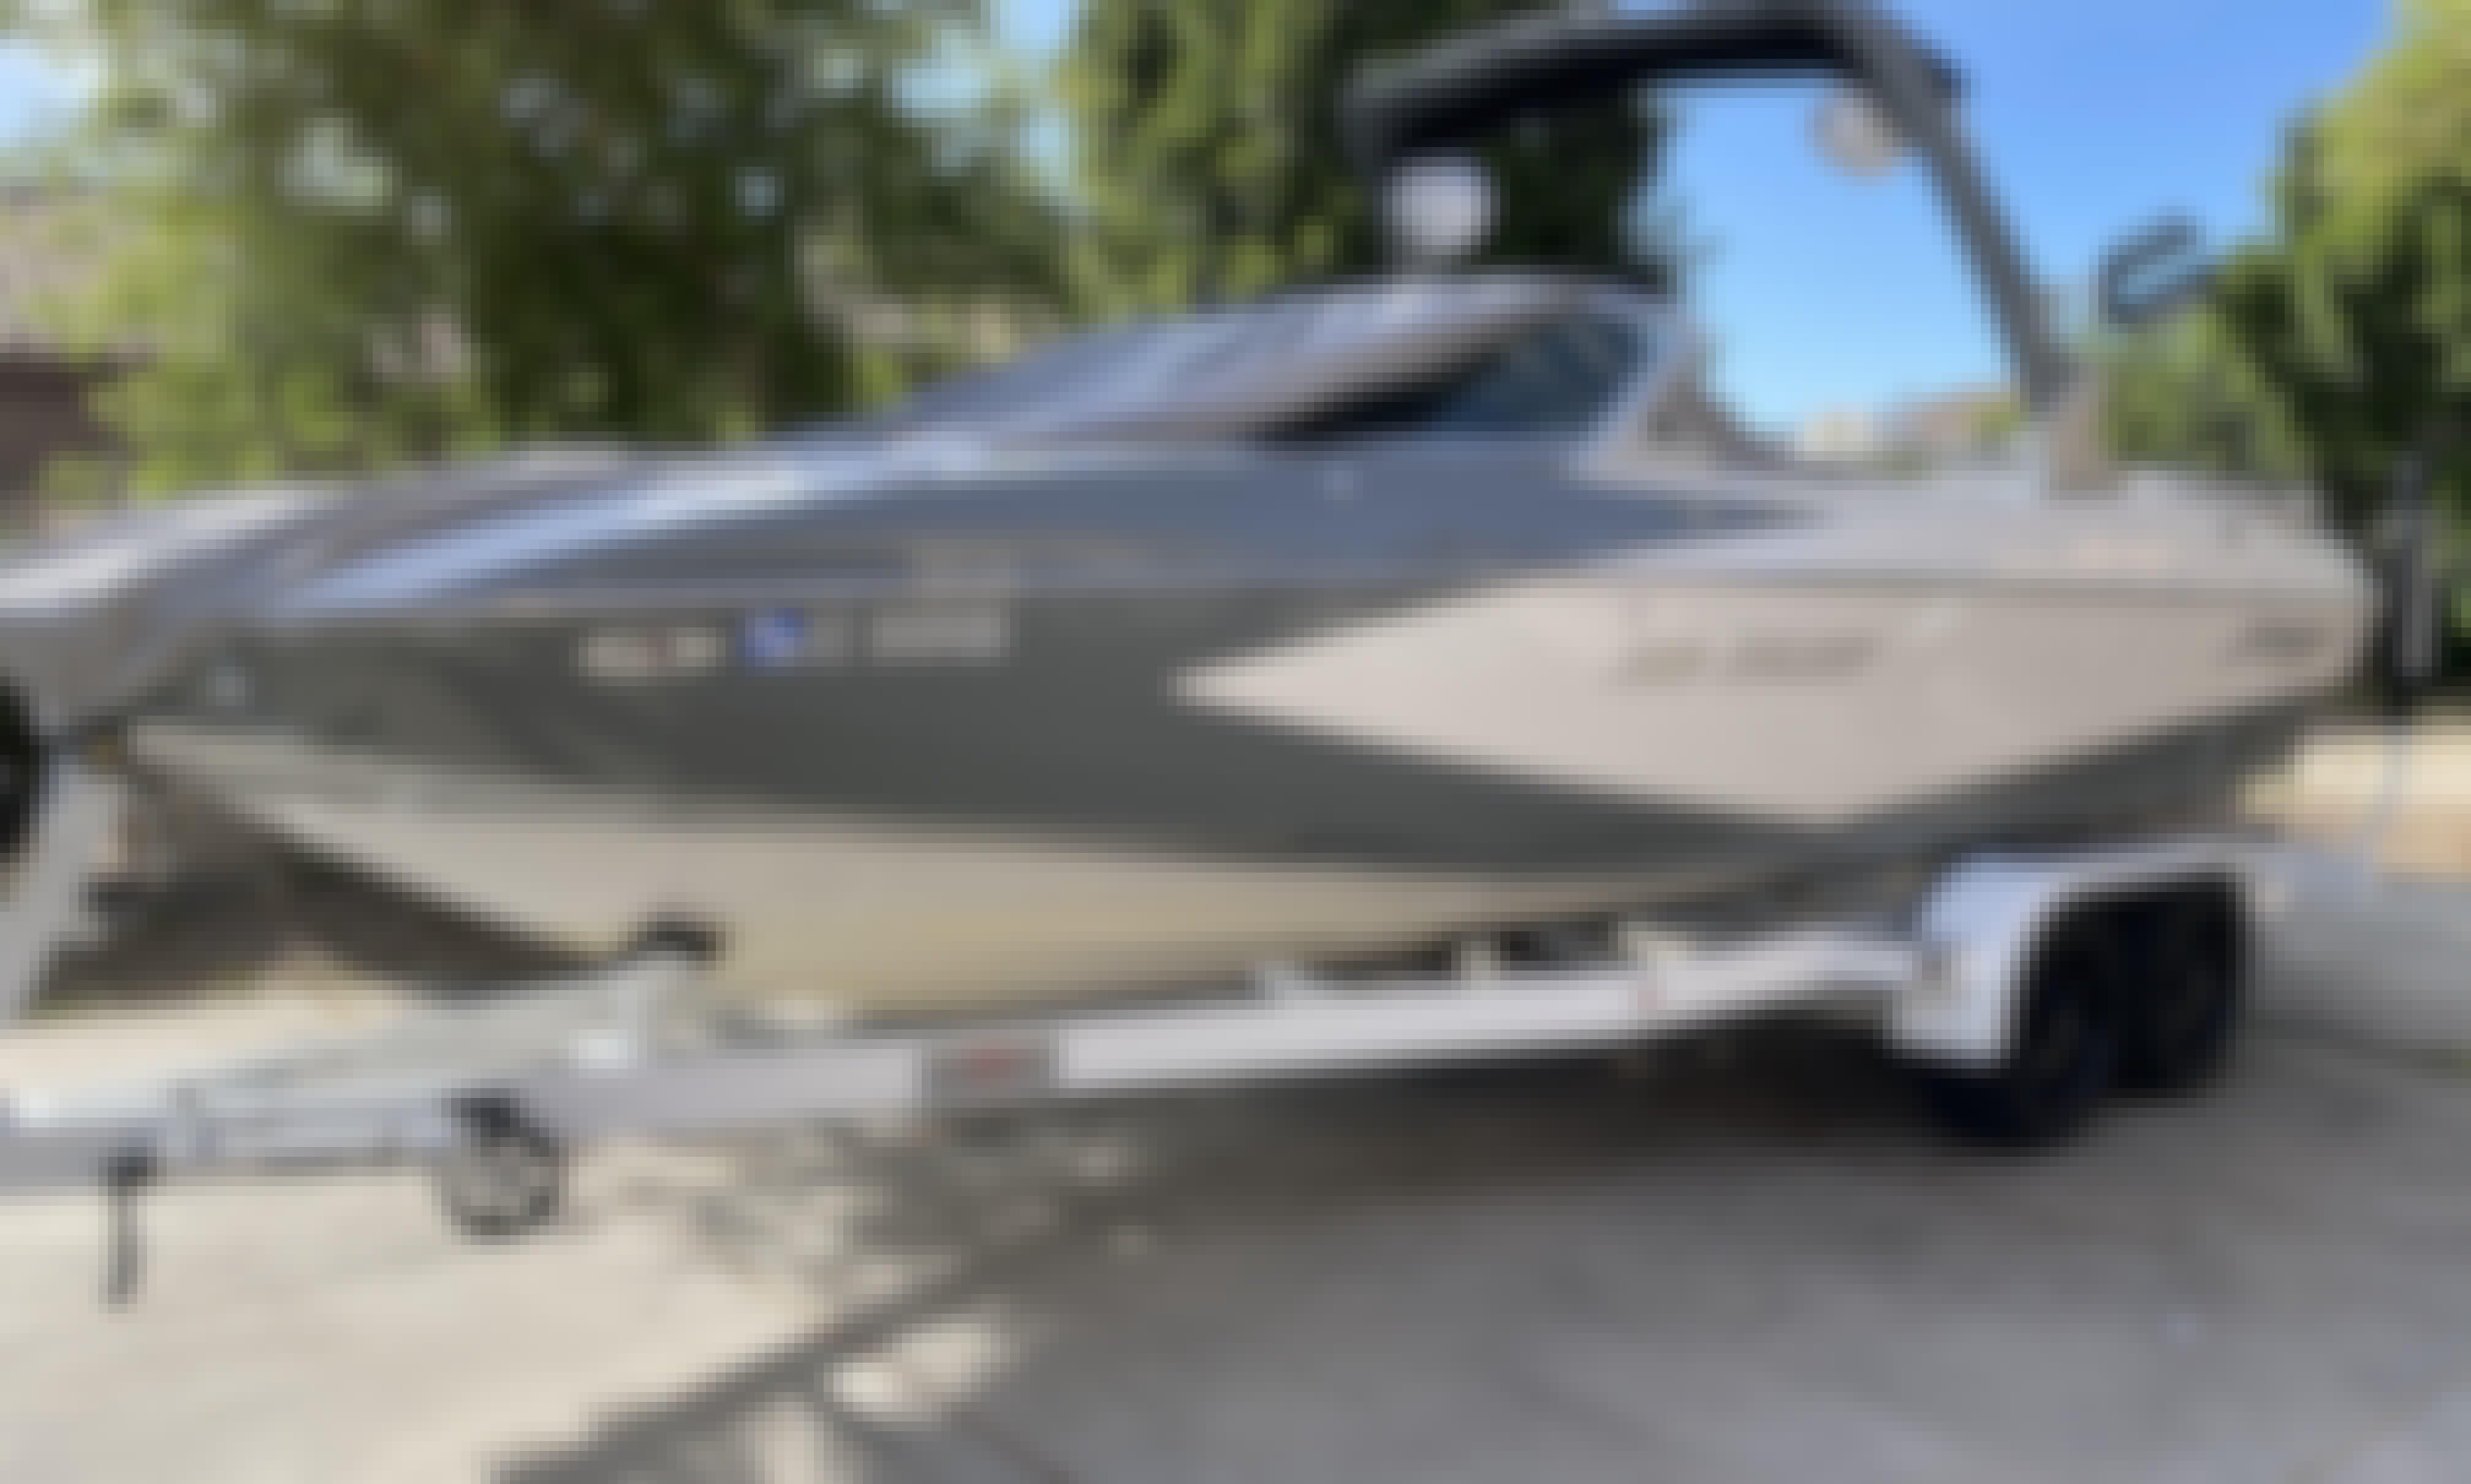 2020 Surf Boat for Rent Saguaro Lake Arizona